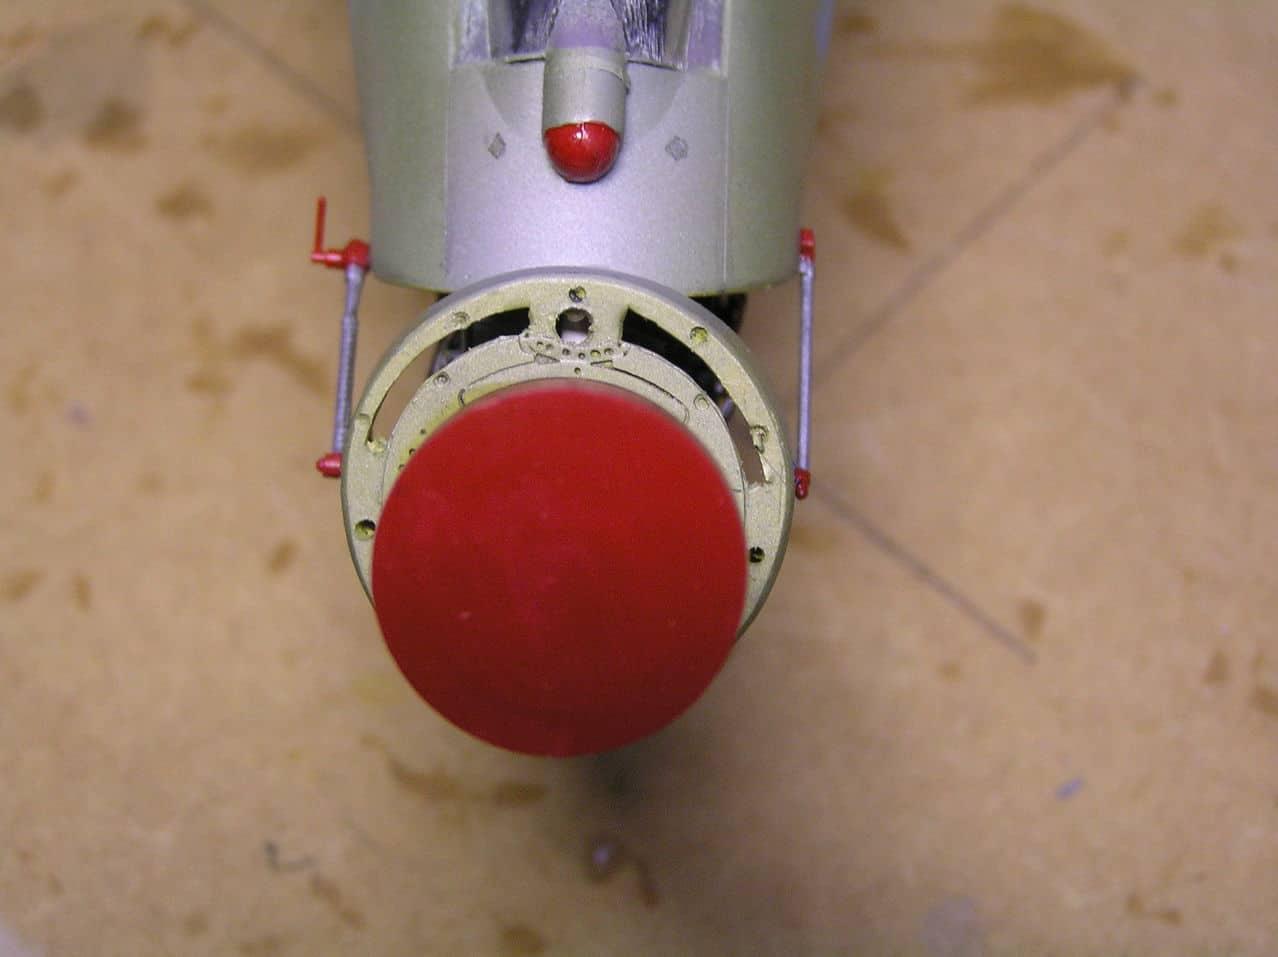 ...καπως ετσι αρχισαν ολα...Su-27  και τα μυαλα στα καγκελα... - Σελίδα 4 P1010206